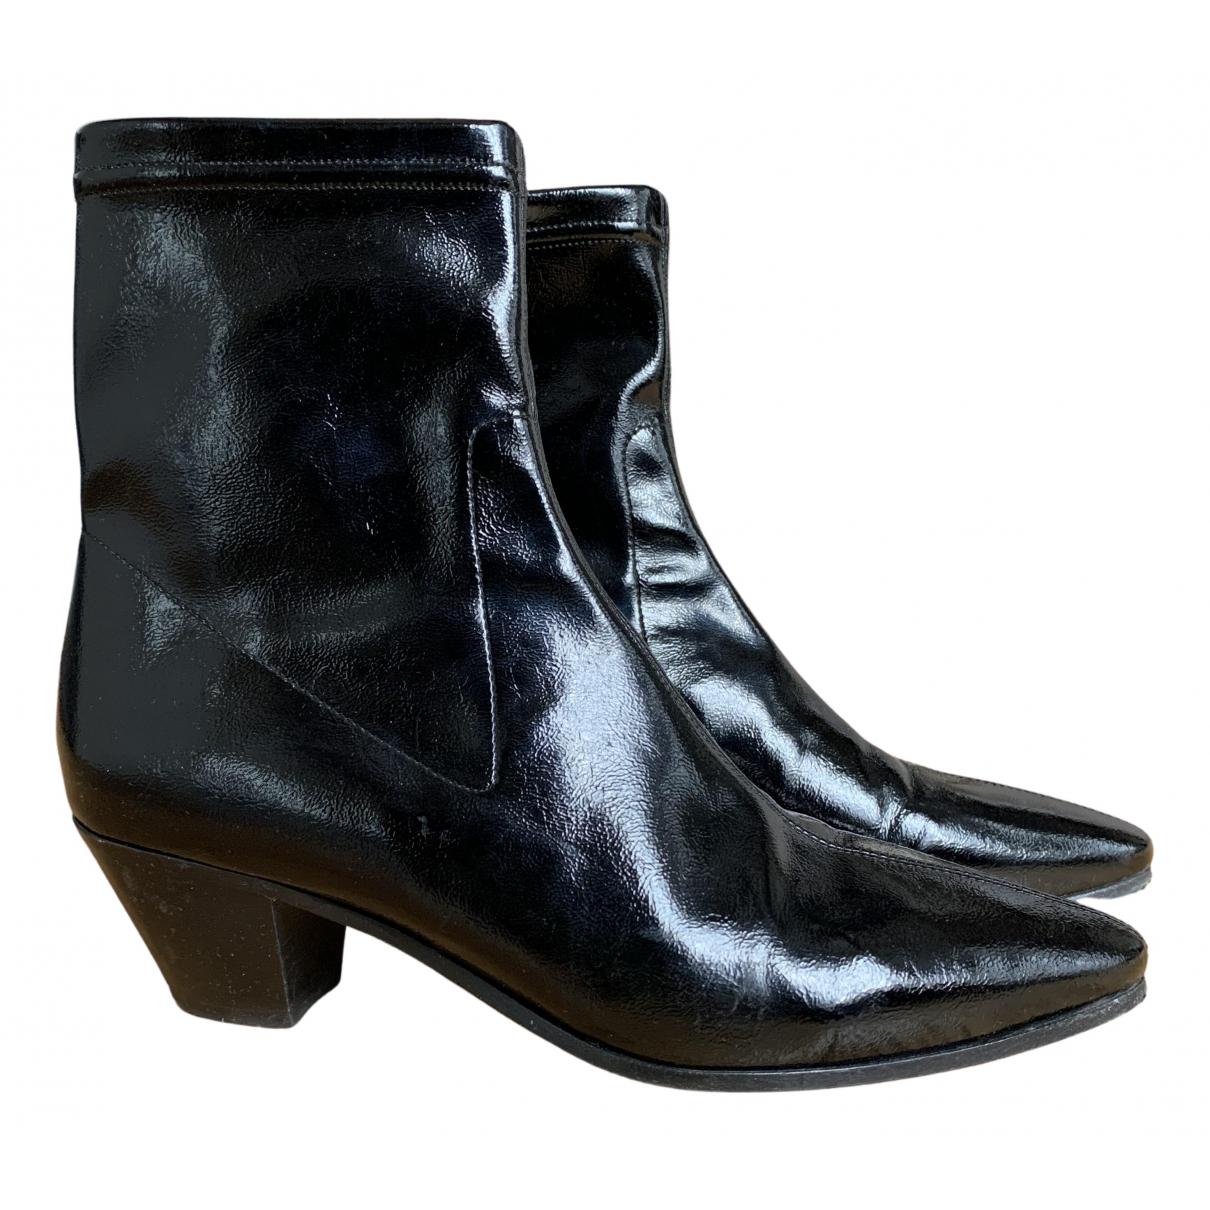 Maje - Boots Fall Winter 2019 pour femme - noir